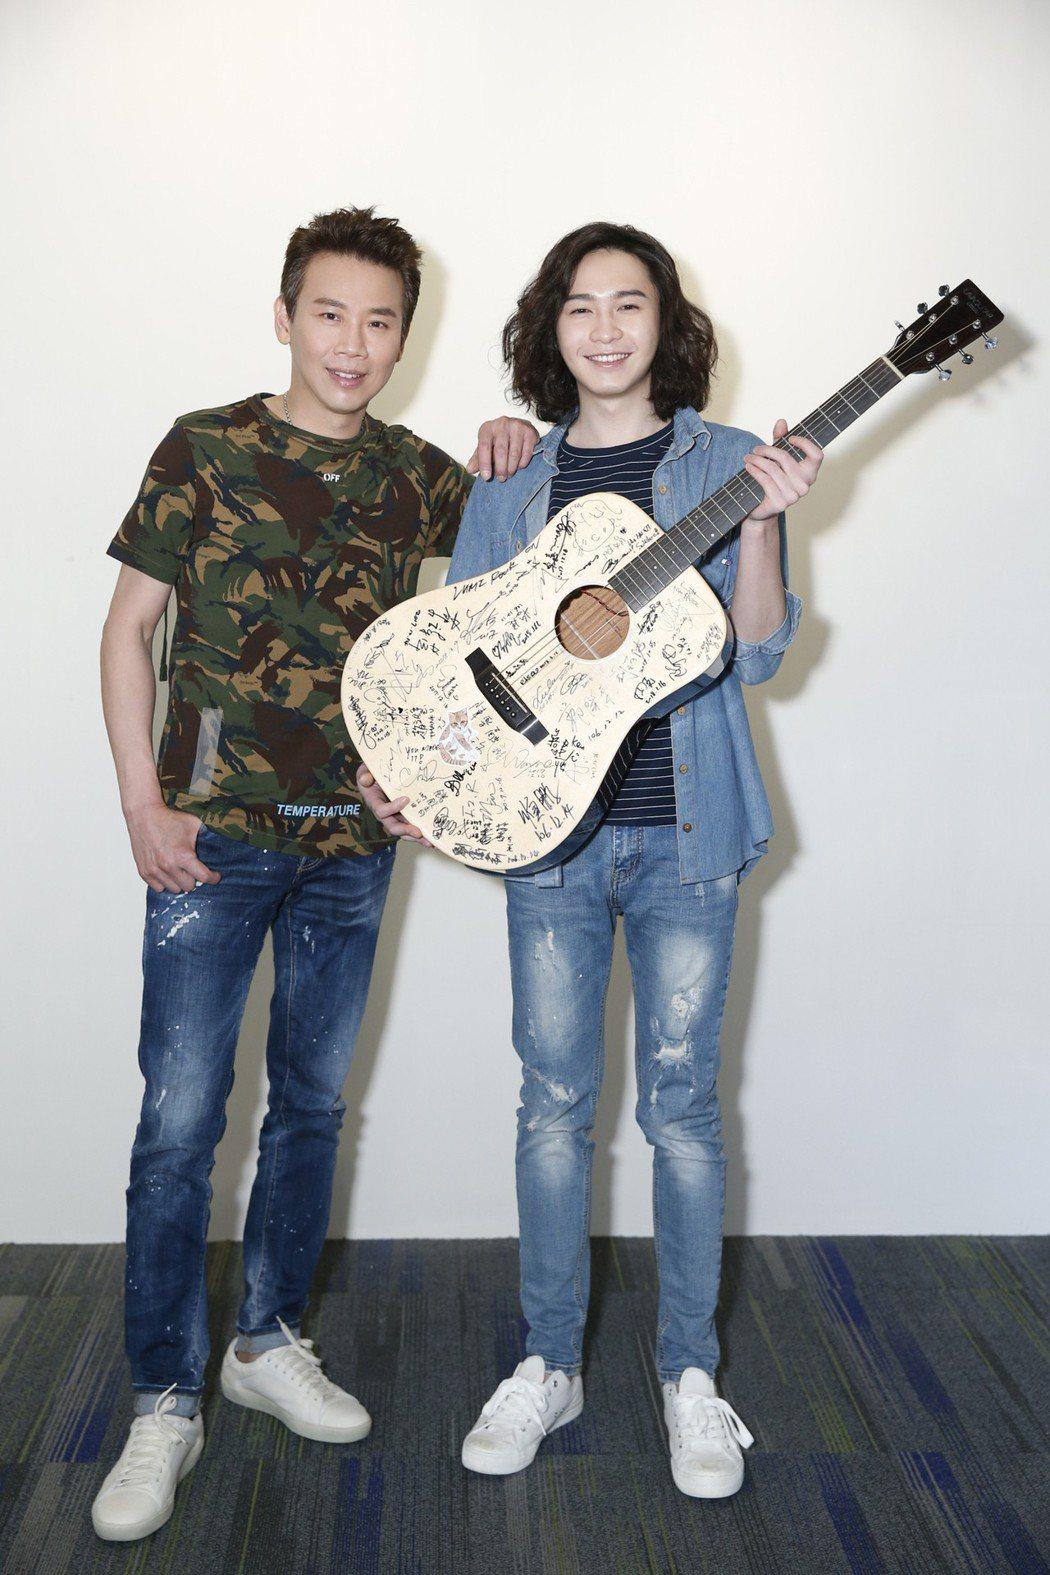 陶喆幫許含光在吉他上簽名。圖/種子提供